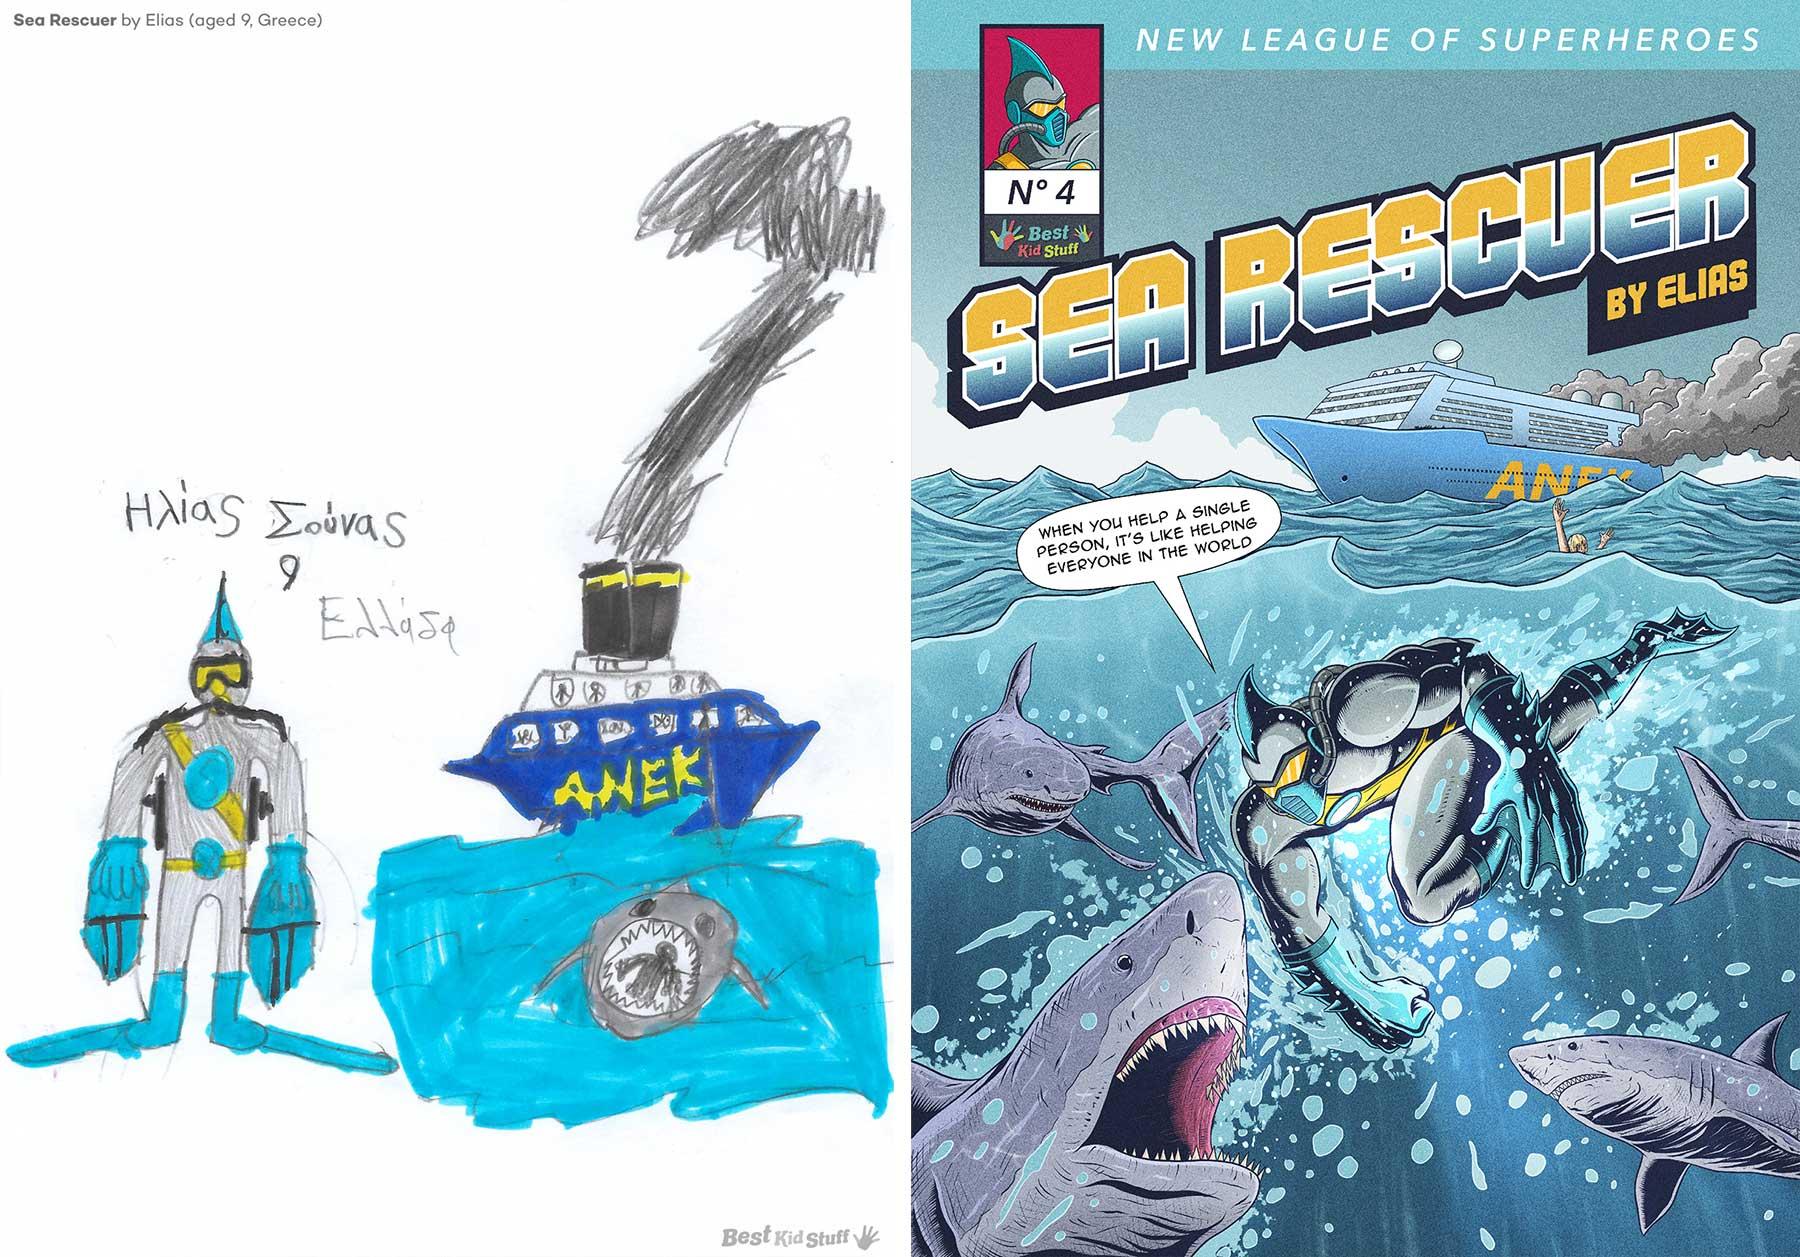 Künstler illustrieren Comic-Cover aus Kinderzeichungen von Superhelden Kinder-malen-Superhelden-profis-illustrieren-comic-cover_03